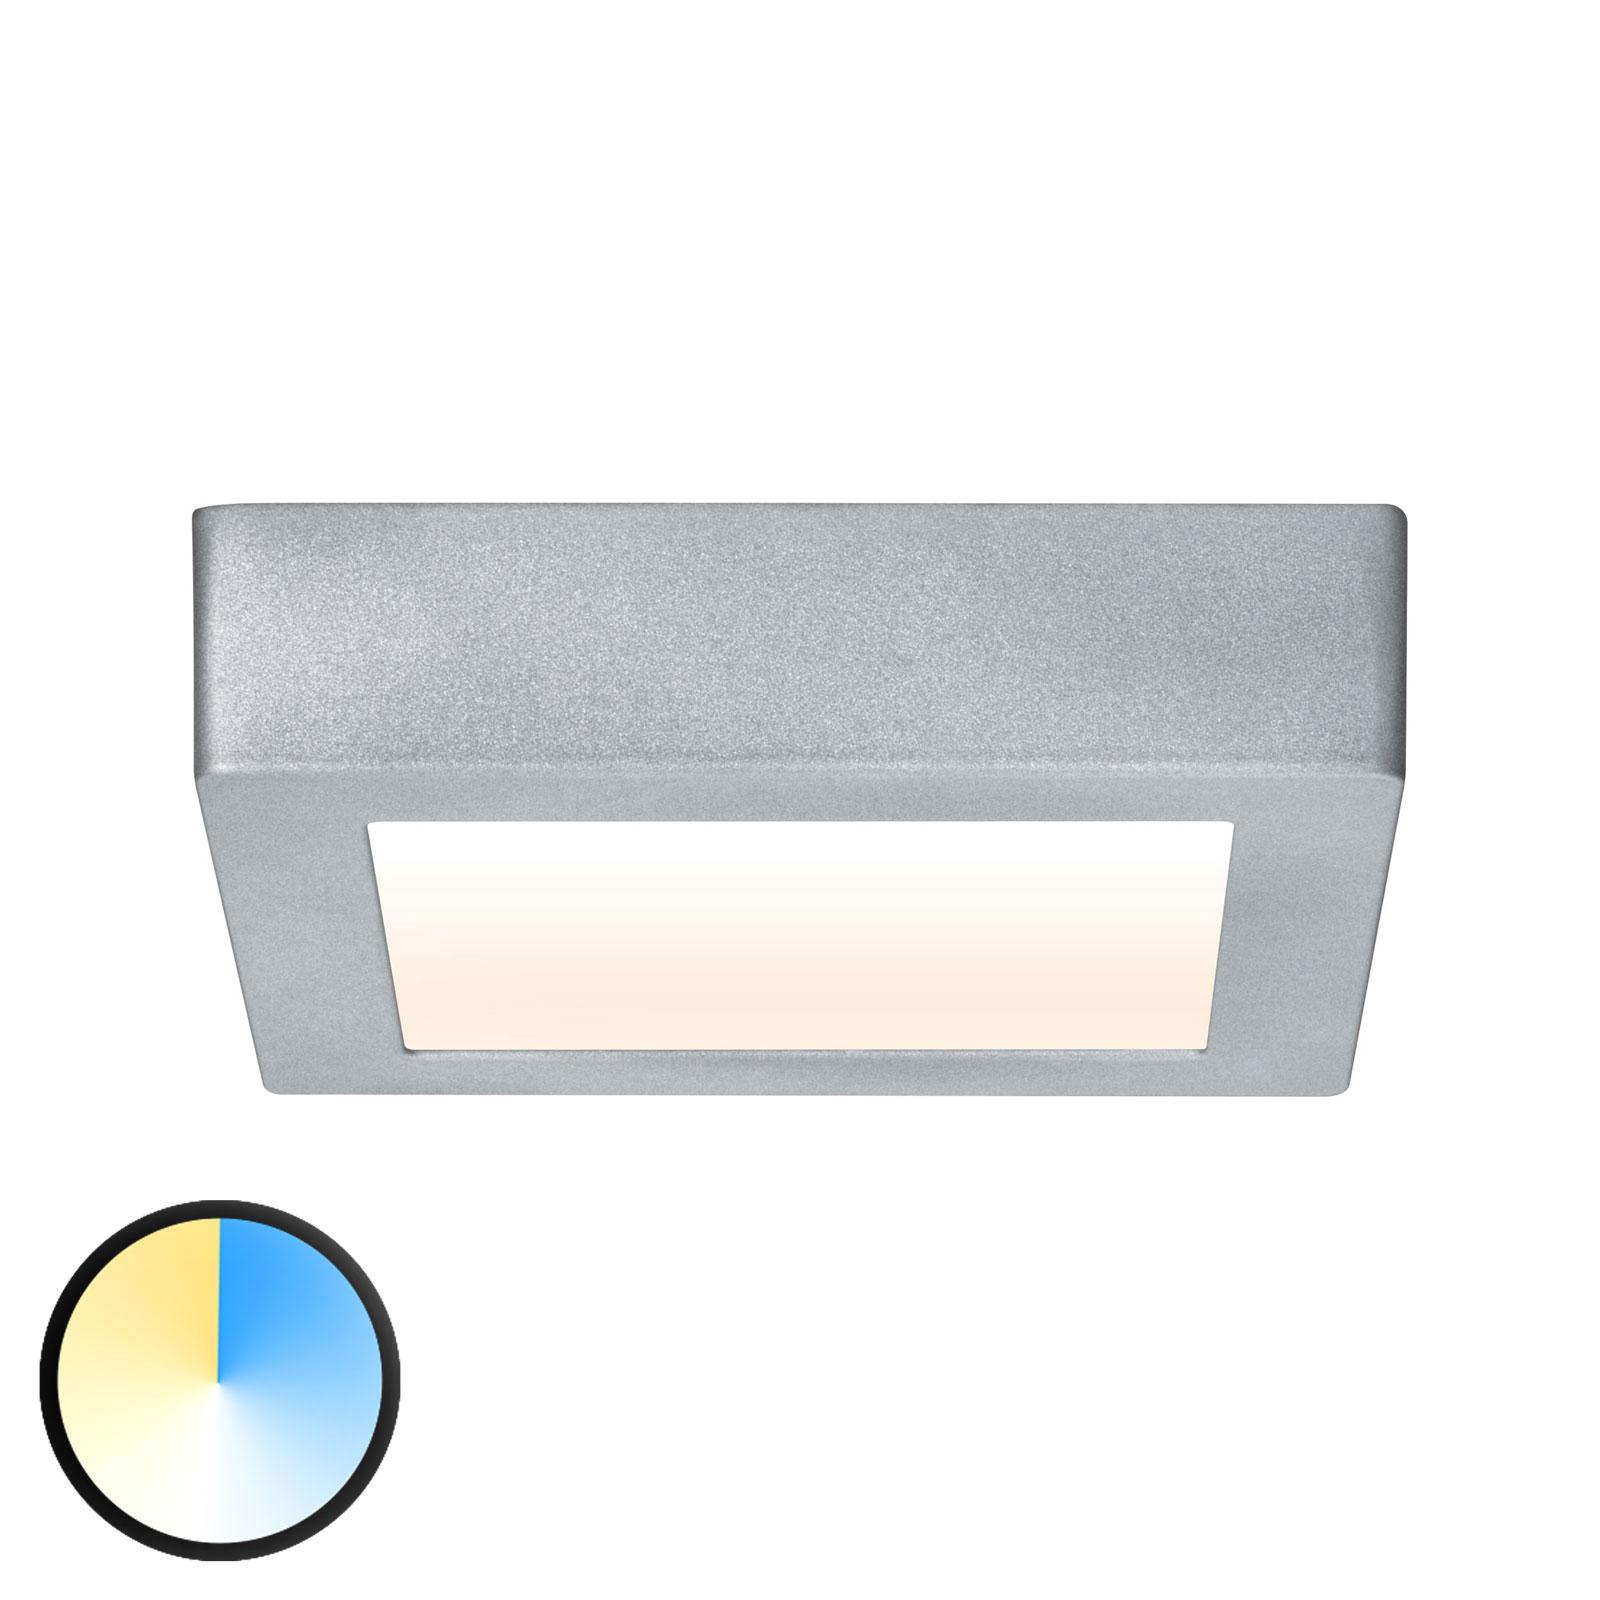 Paulmann Carpo LED plafondlamp chroom 17x17cm